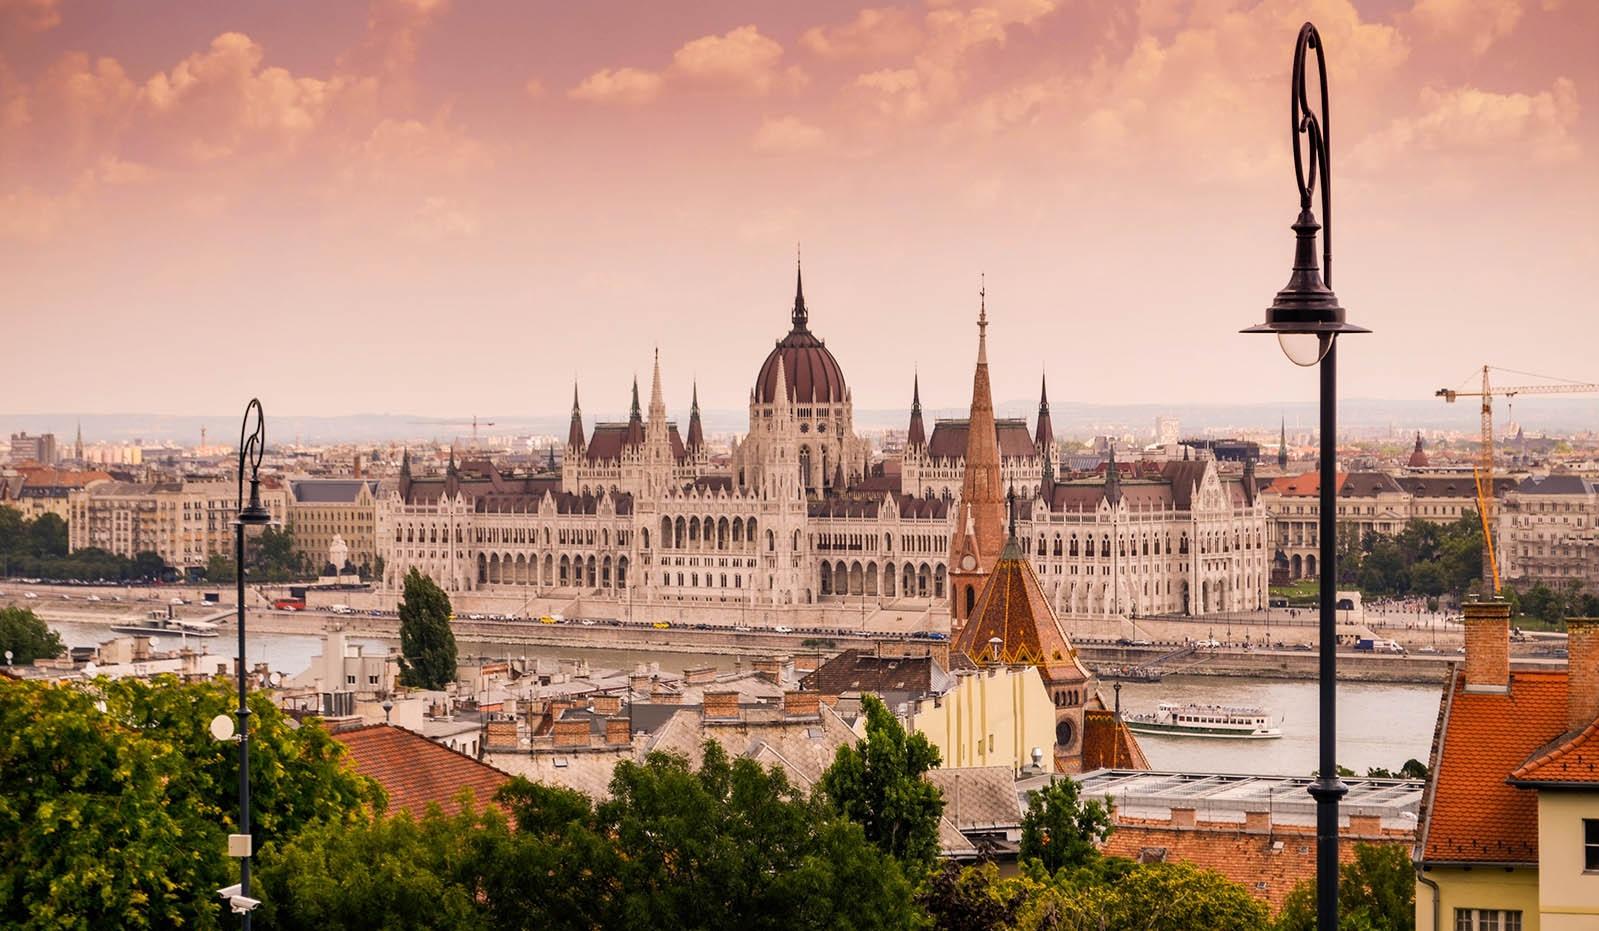 Parlamento de Budapest - Lo más visitado